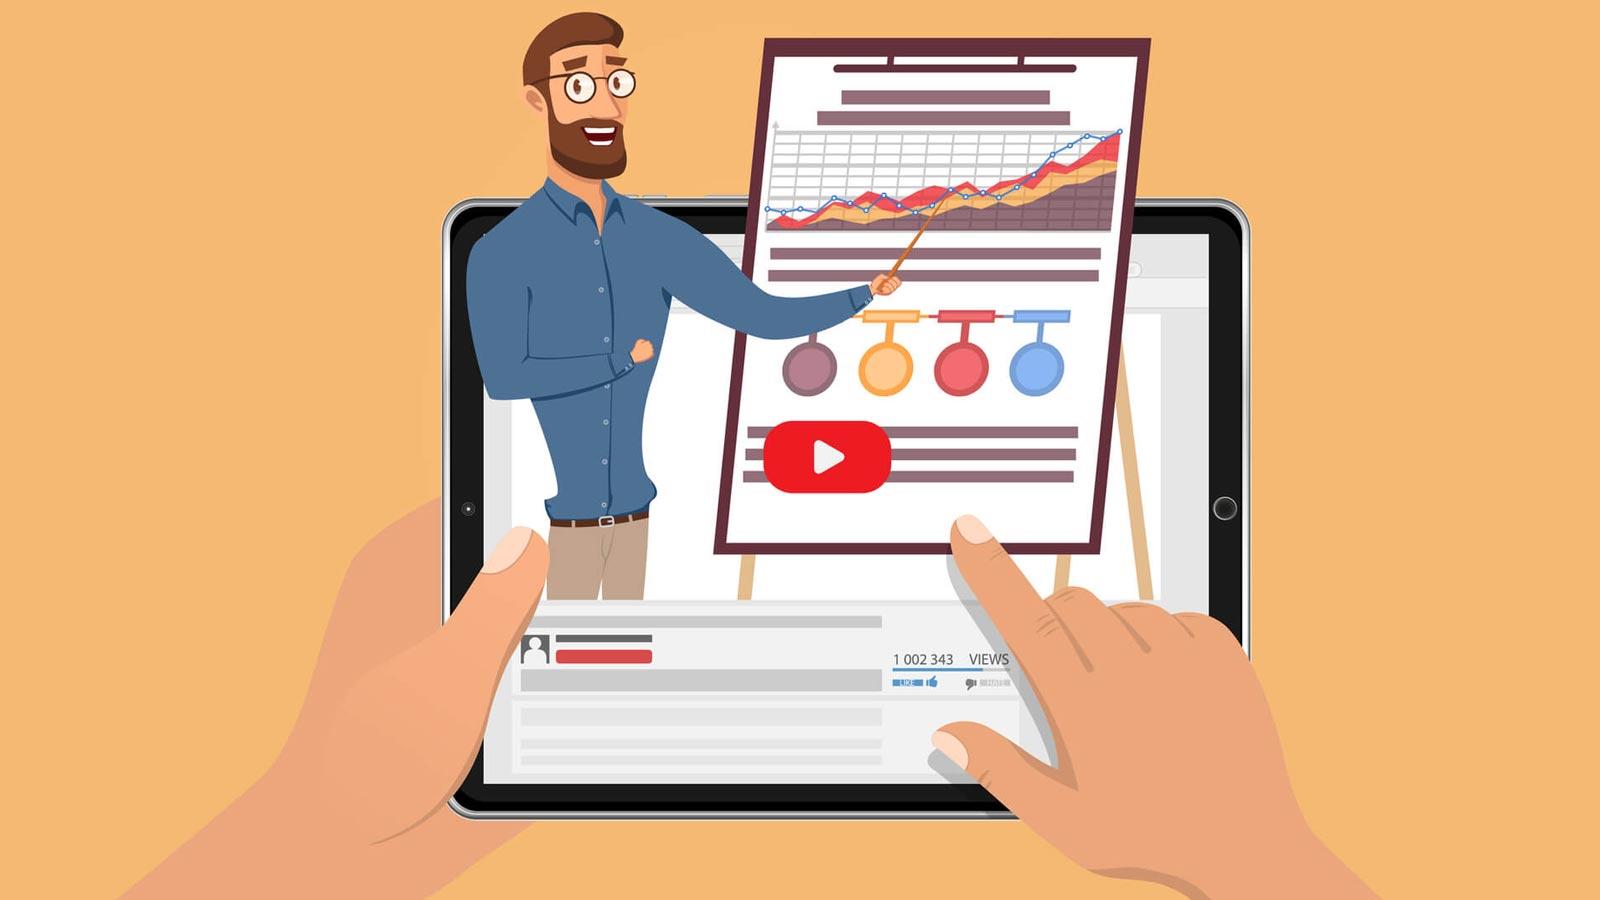 confira 5 dicas de seo para youtube e visibilidade on line 1a dumela filmes - Confira 5 dicas de SEO para YouTube e visibilidade online